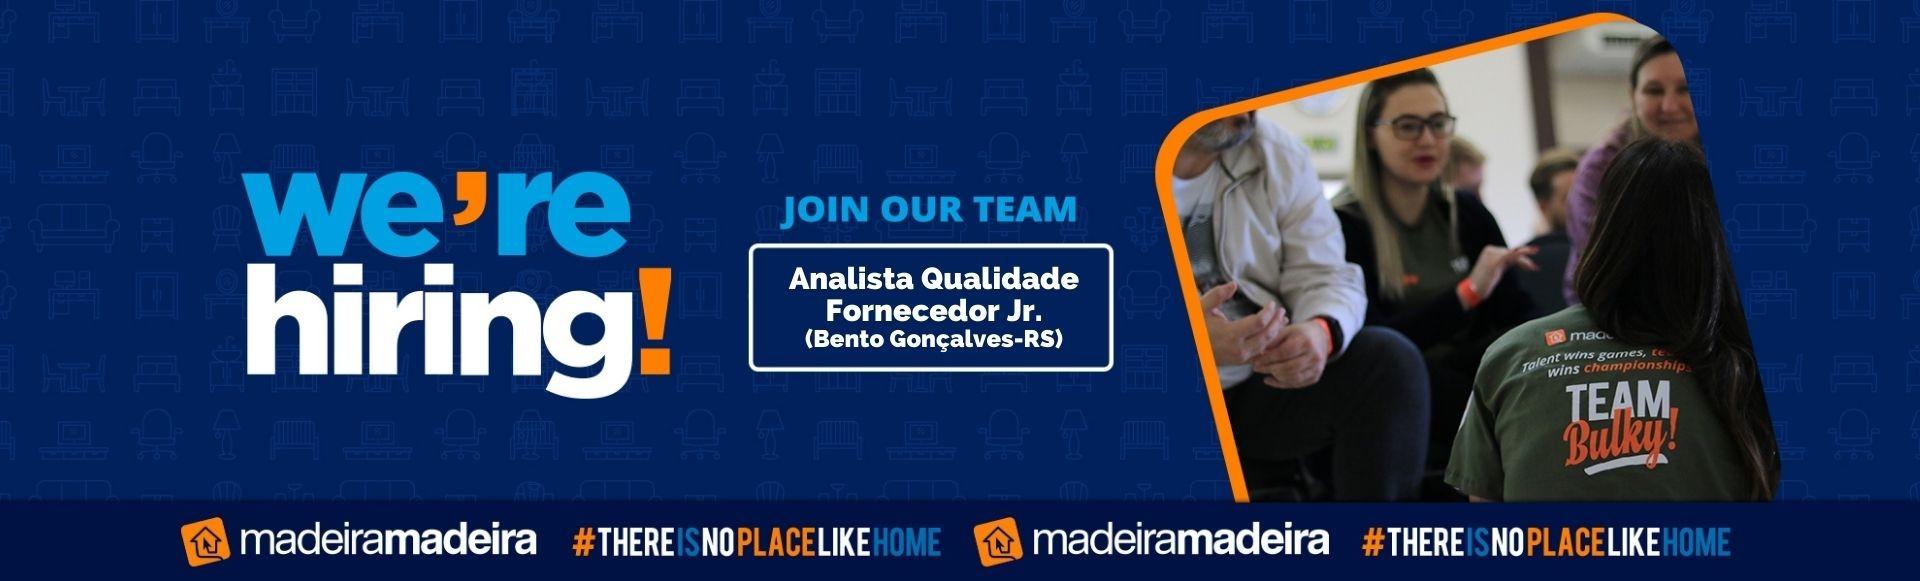 Analista Qualidade Fornecedor Jr (Bento Gonçalves-RS)